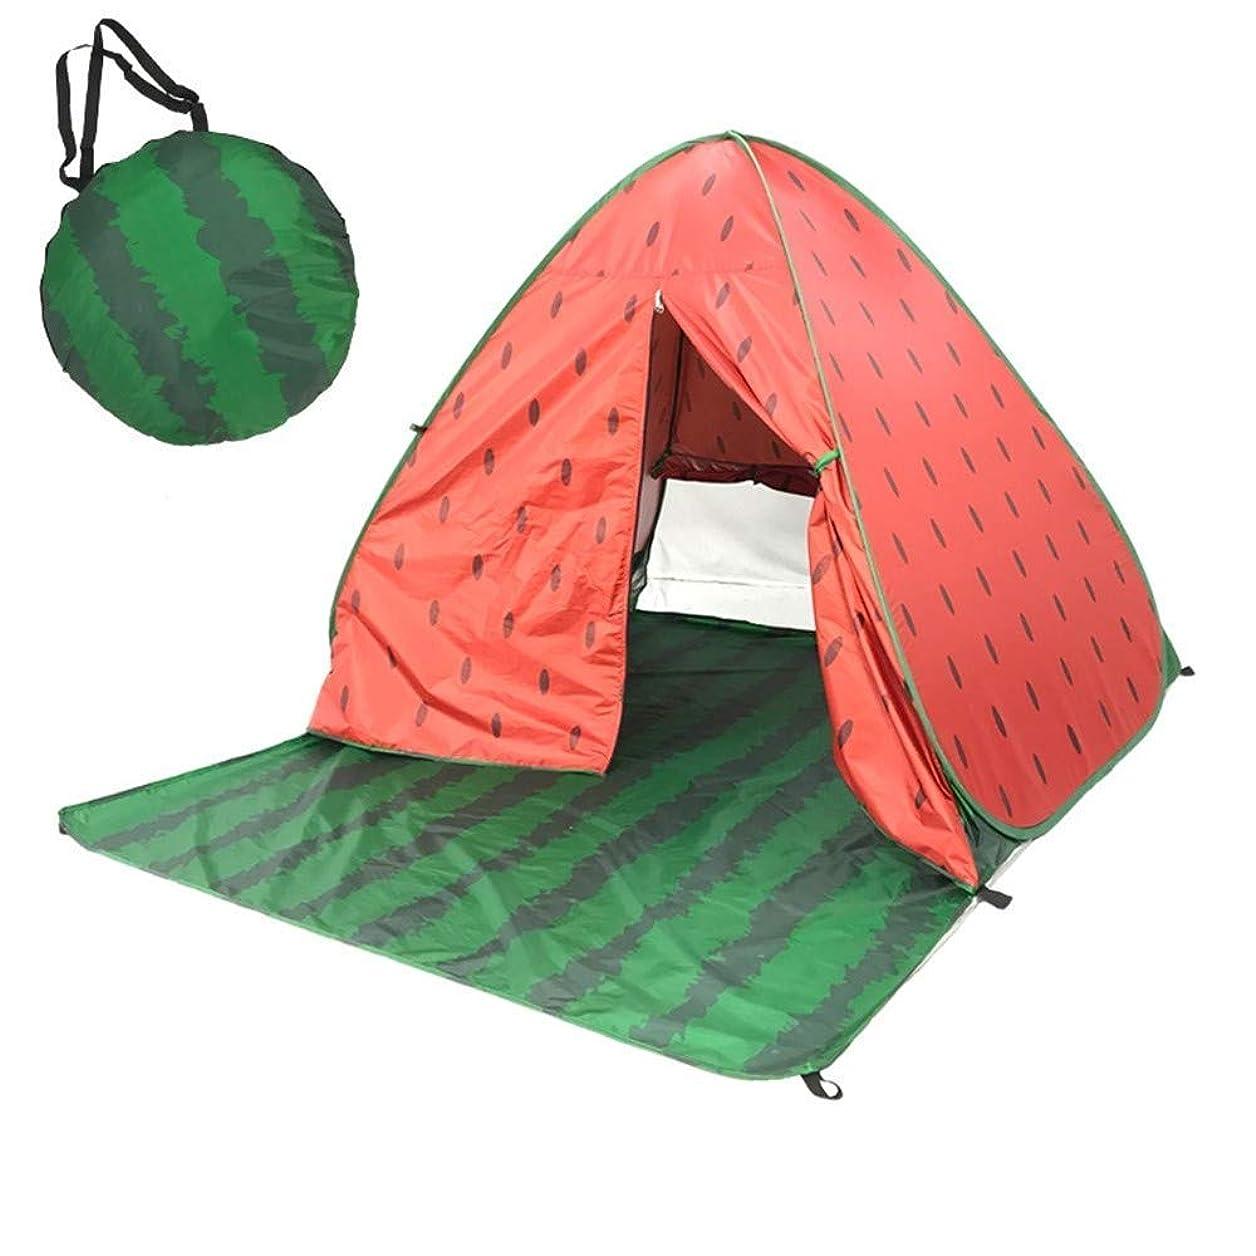 効能ある郵便番号ペルソナビーチテント、自動非建物キャンプサンシェルターシェードスピードオープン子供屋外の利便性